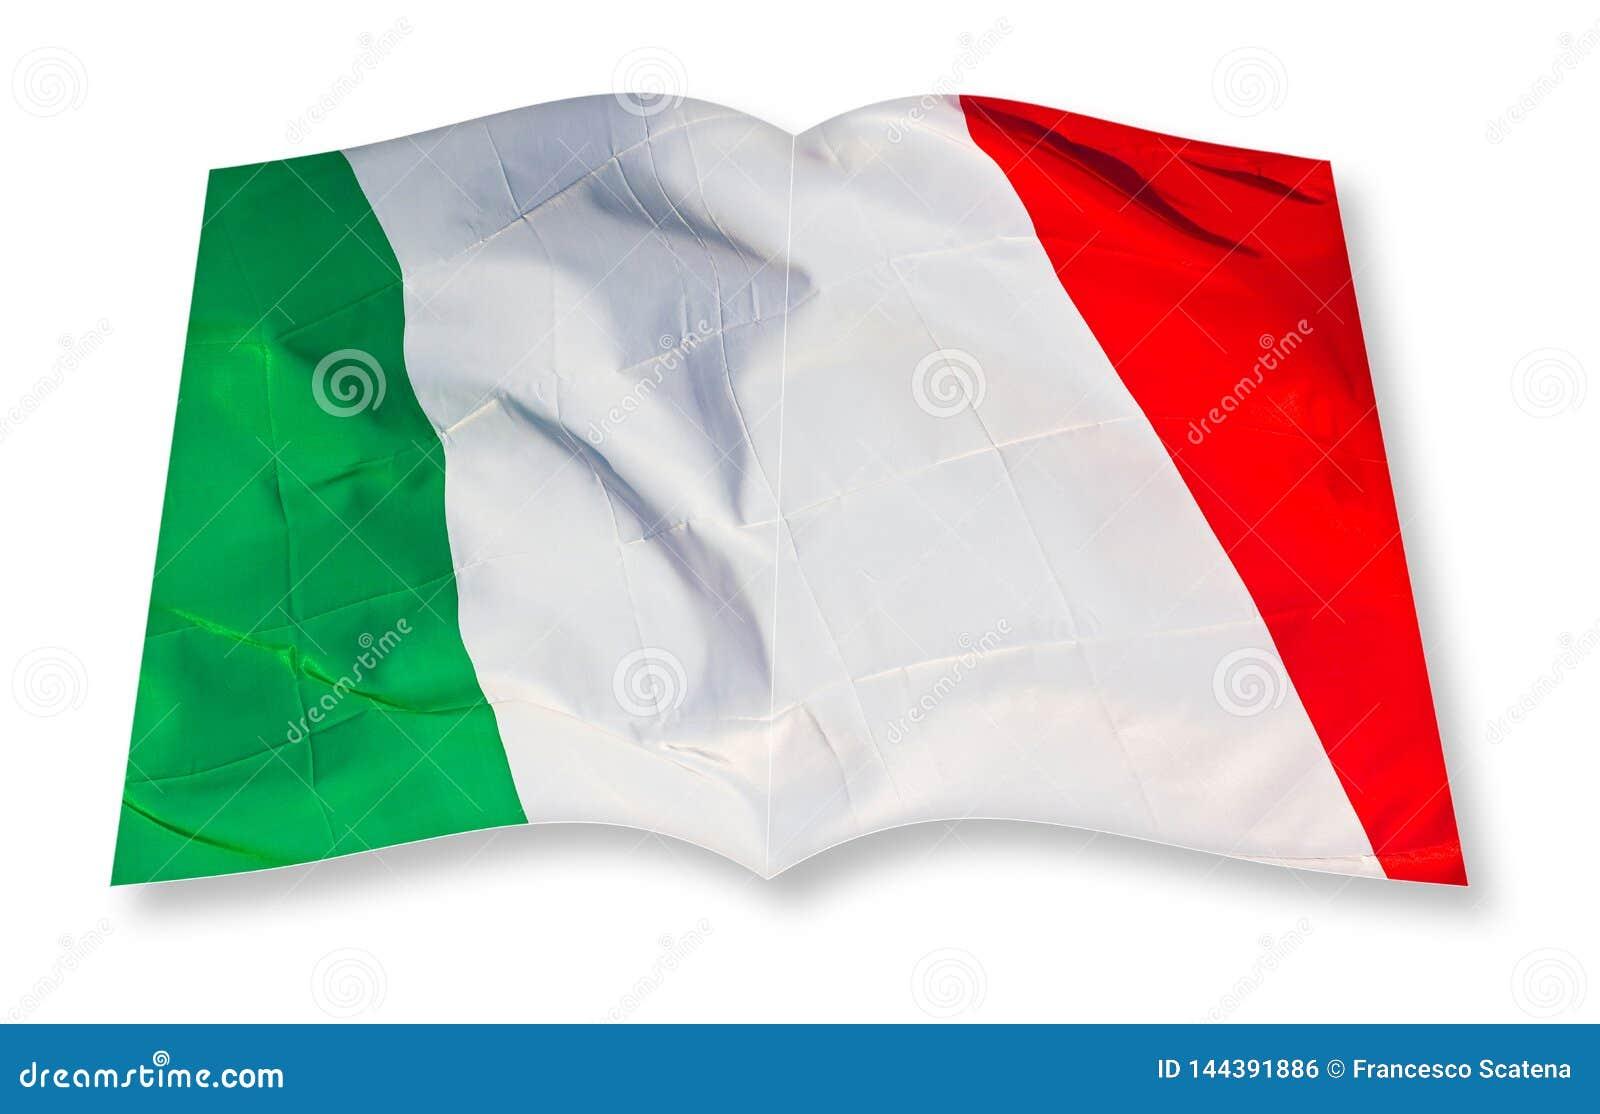 Imagen italiana verde, blanco y rojo del concepto de la bandera - imagen del concepto de la representación 3D de un libro abierto